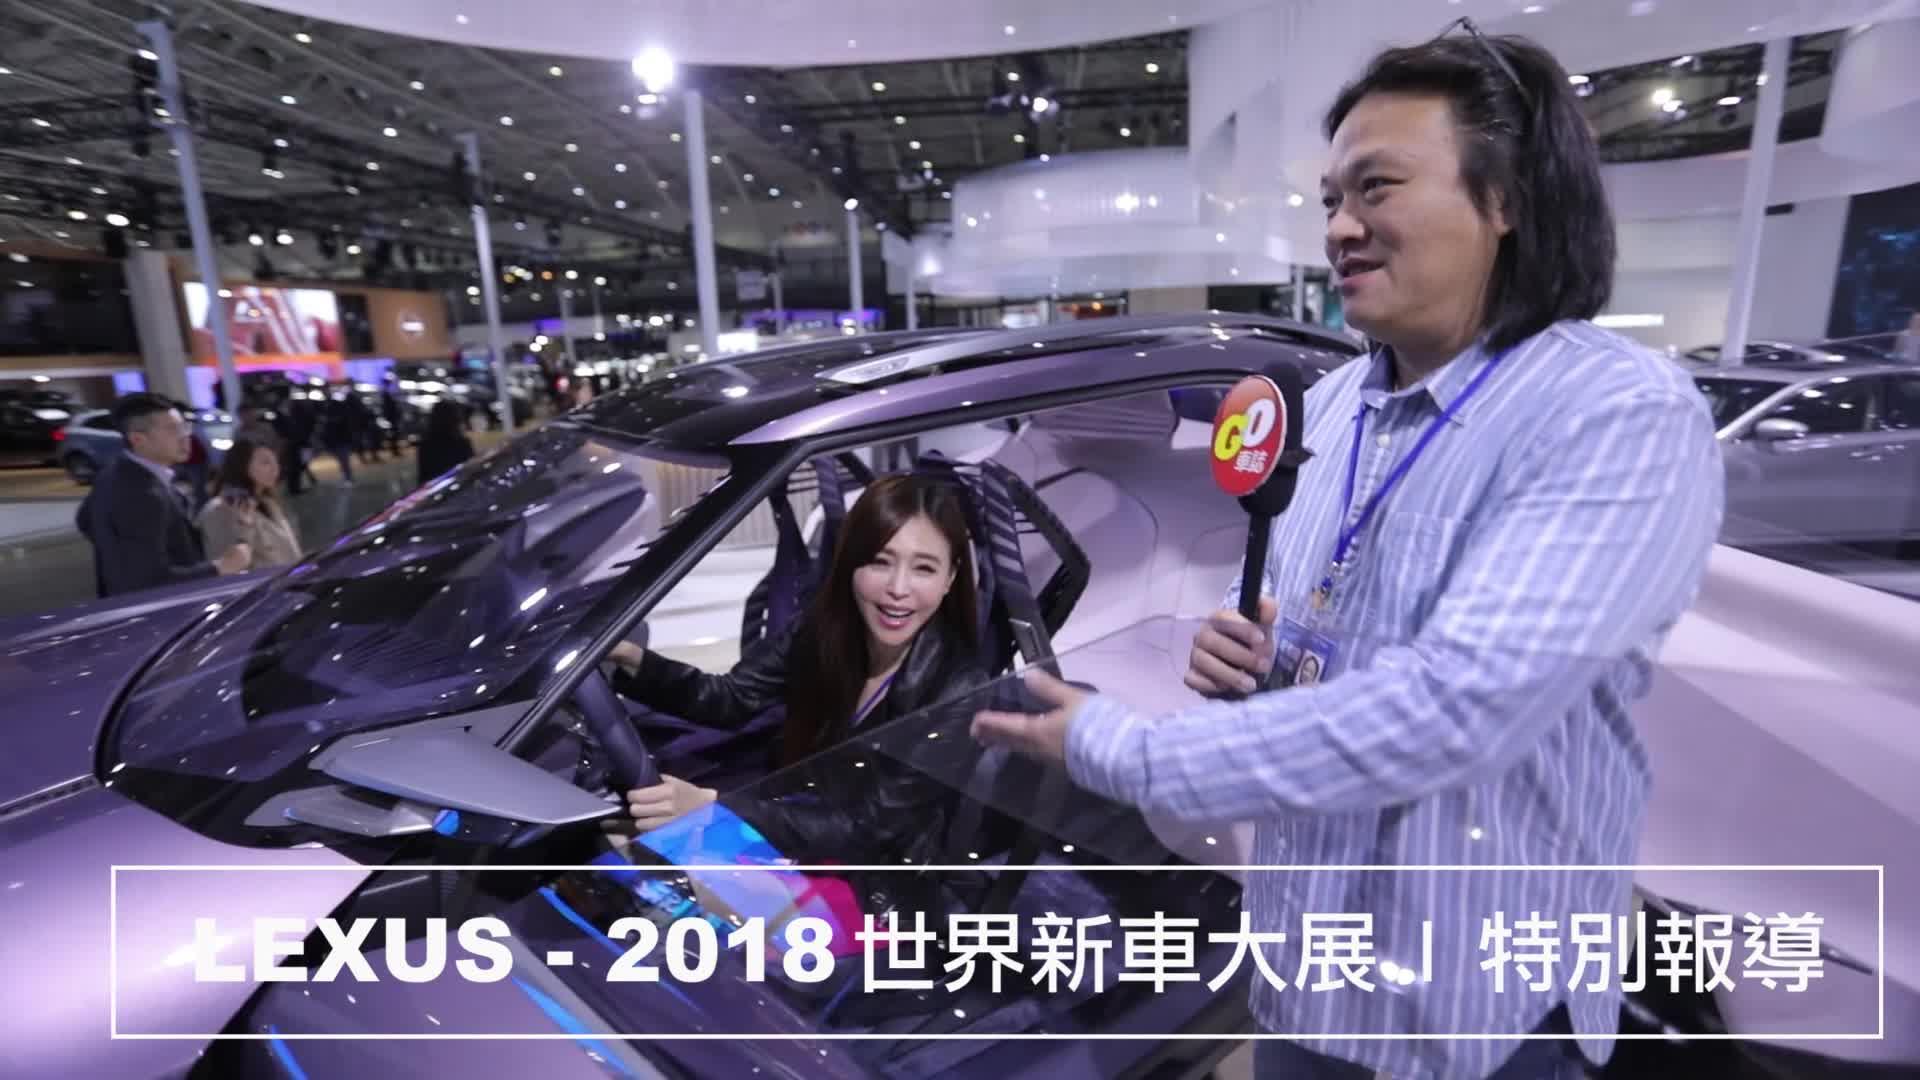 LEXUS - 2018 世界新車大展 | 特別報導